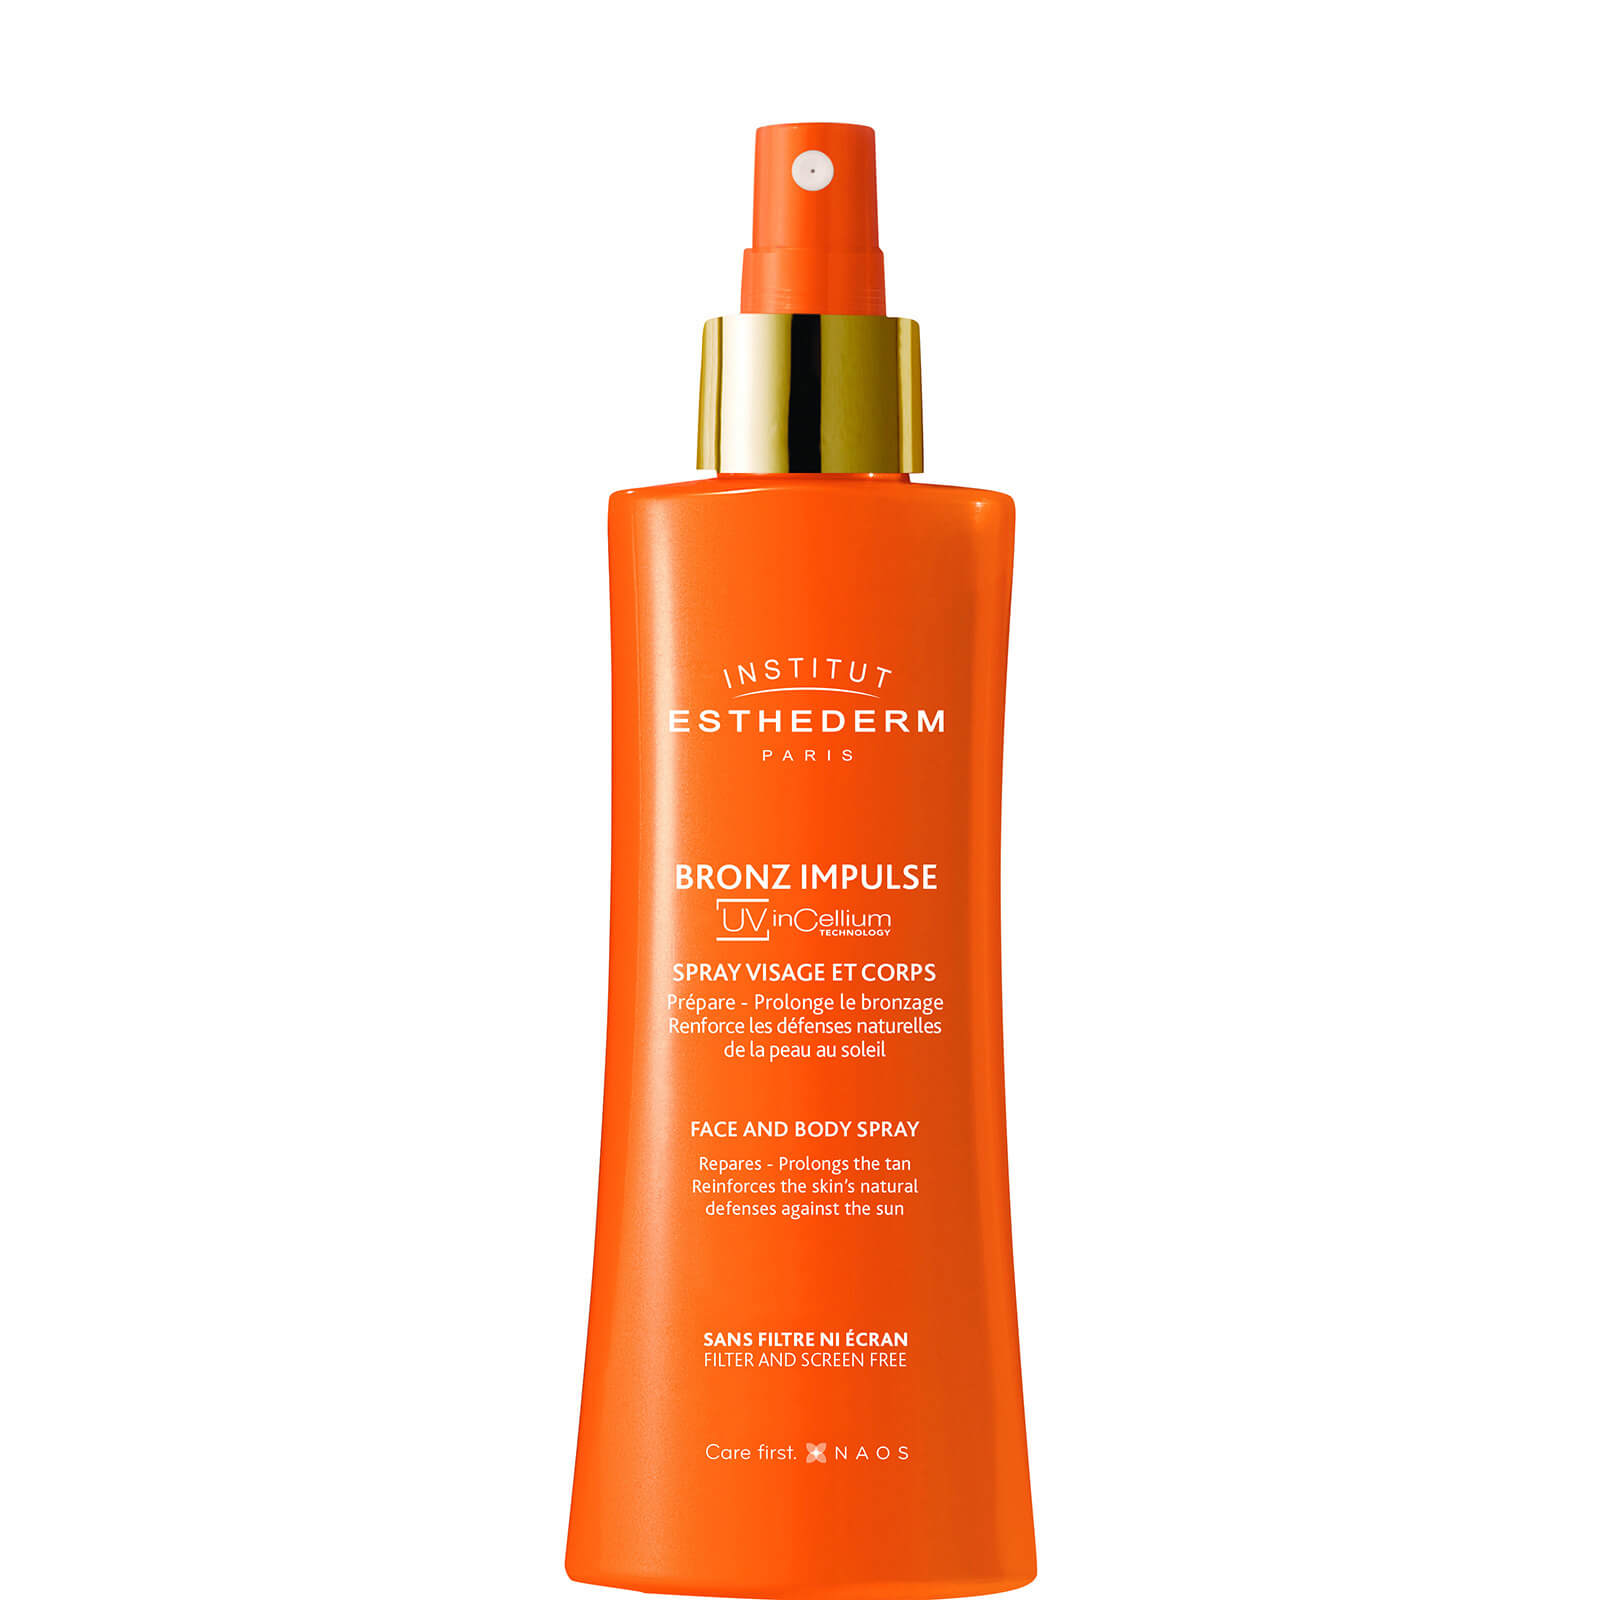 Купить Institut Esthederm Bronz Impulse Face And Body Spray Спрей для лица и тела150мл